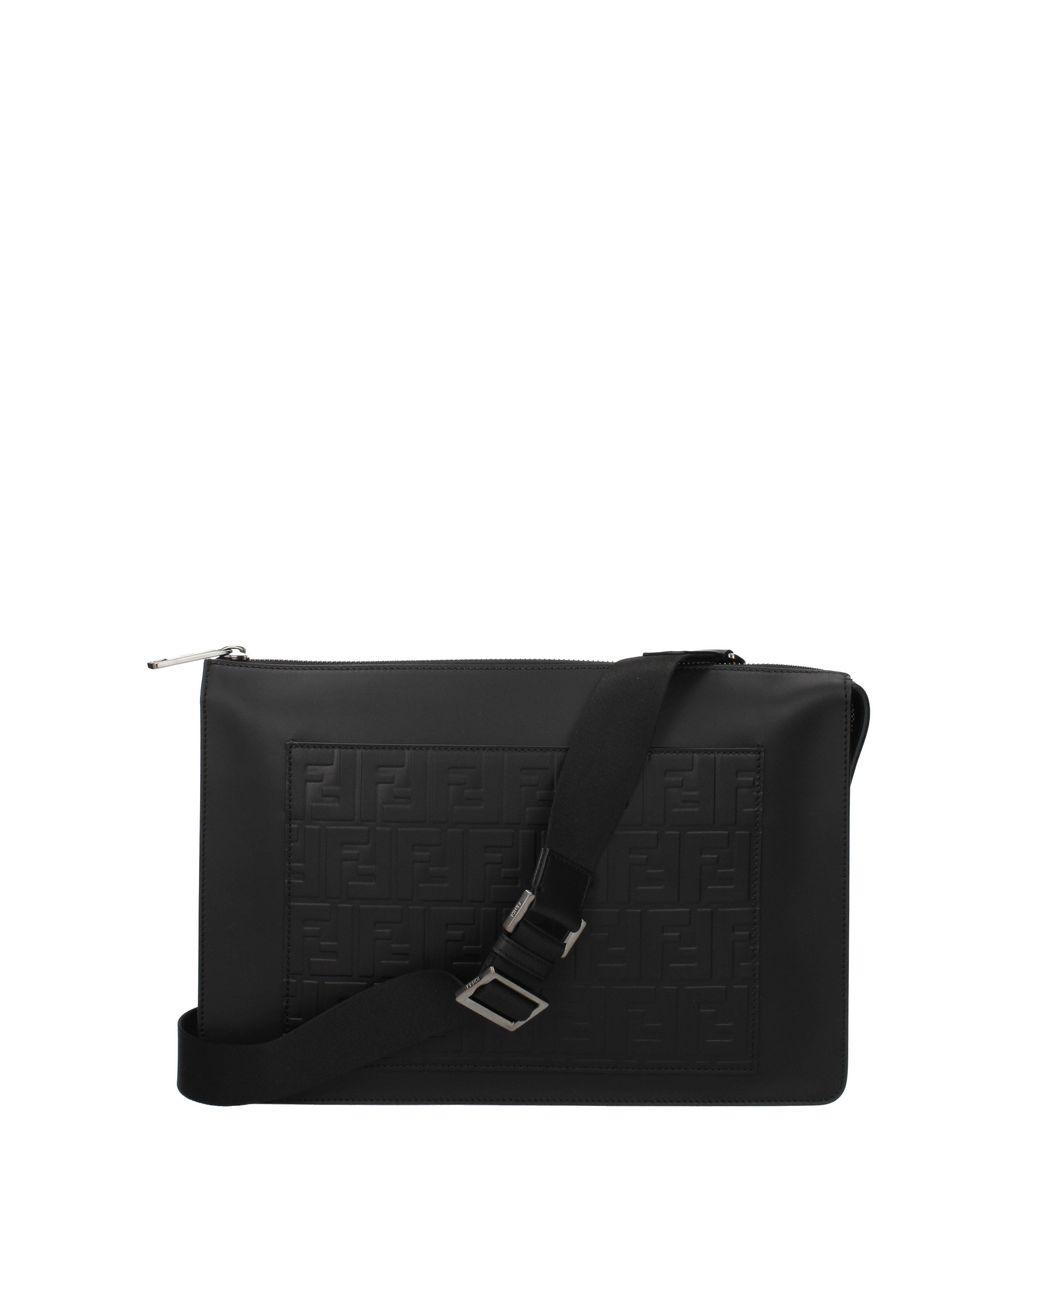 047efb188eb Fendi Crossbody Bag Men Black in Black for Men - Lyst